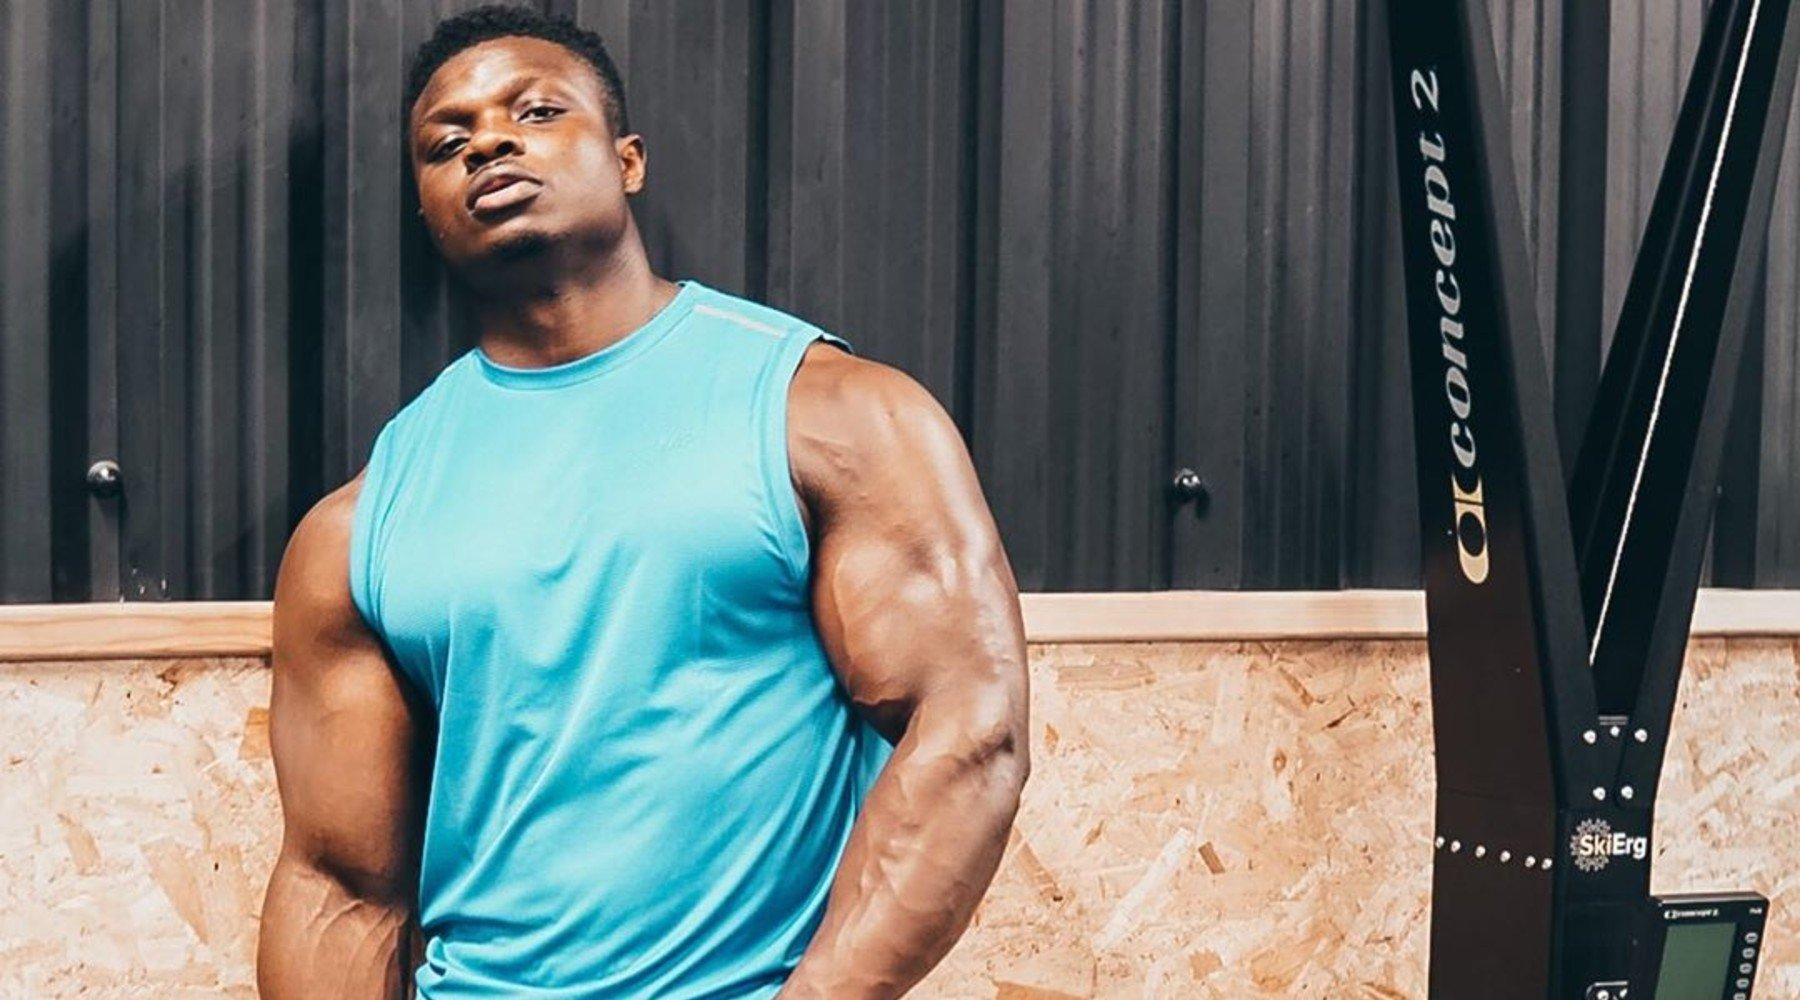 Entrenamiento con el Physique Pro Abou Konate | Rutina de brazos